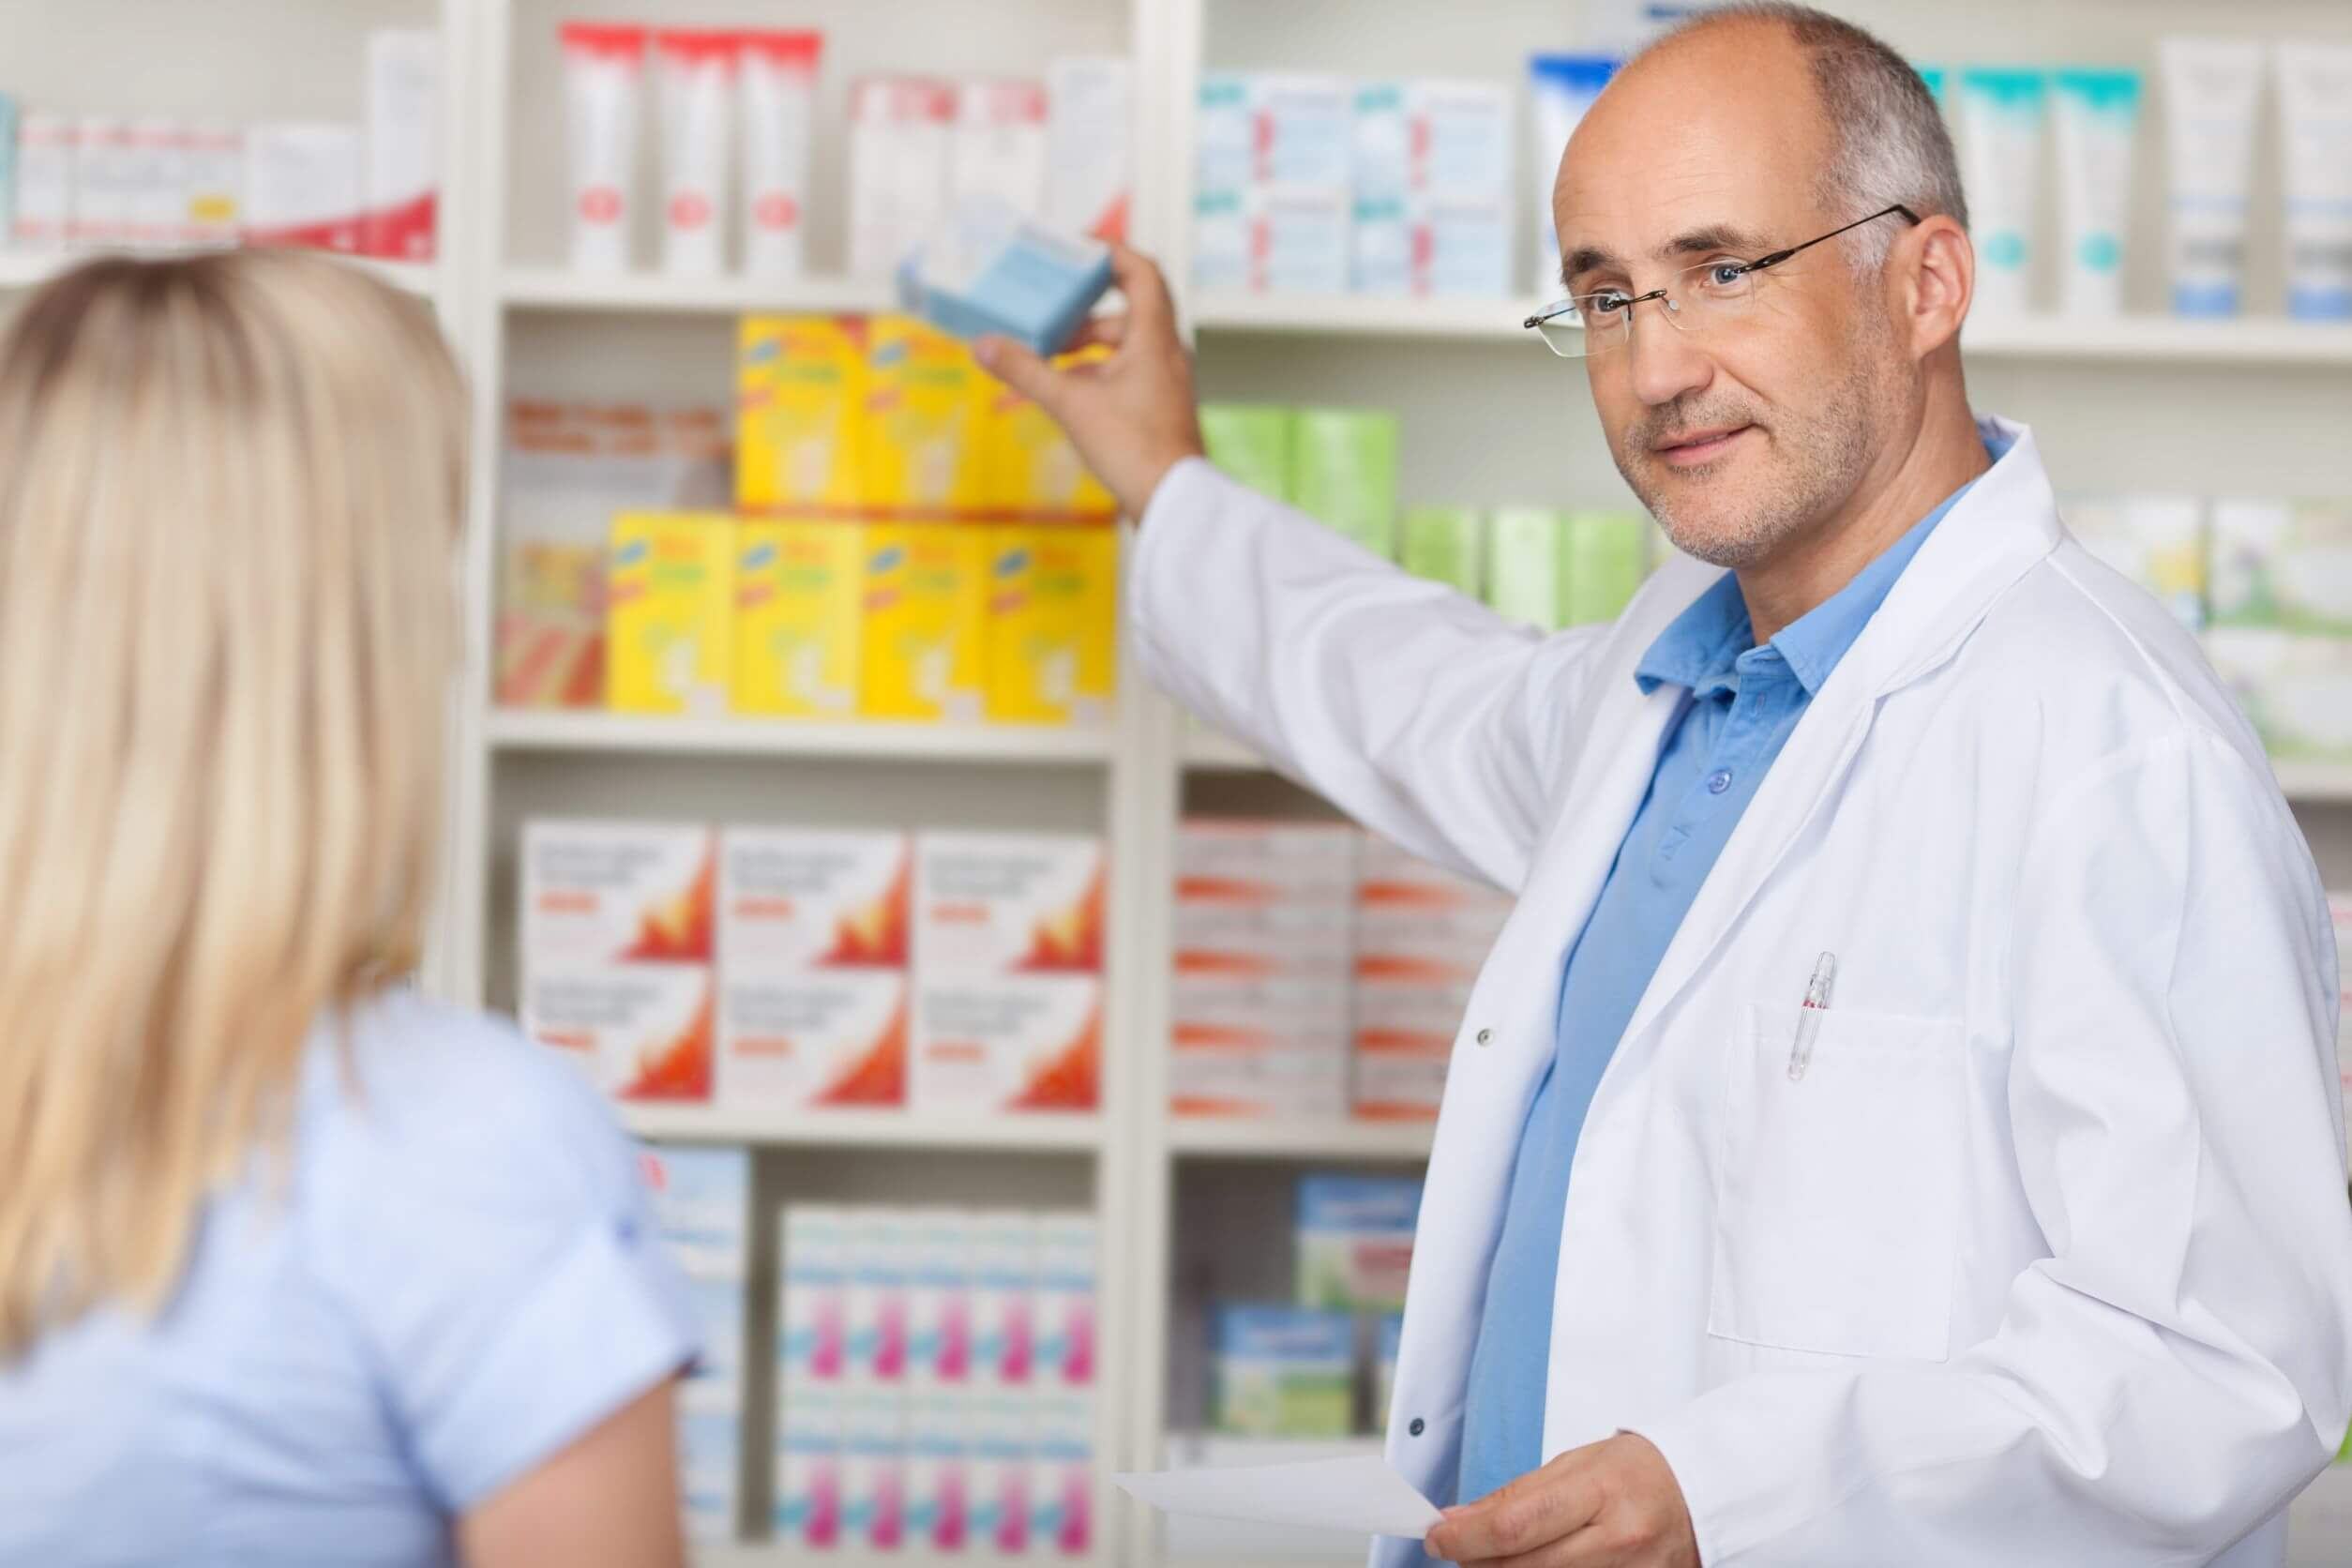 La fenazopiridina es de venta libre.